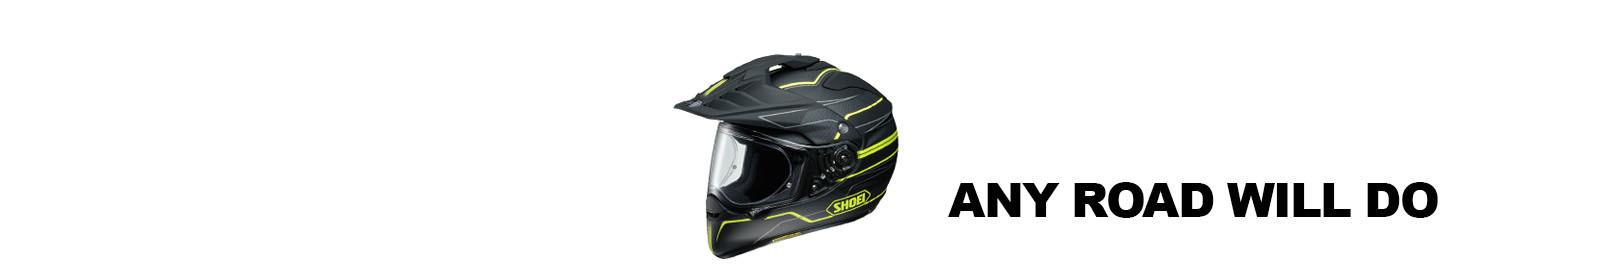 Shoei Hornet X2 Helmets